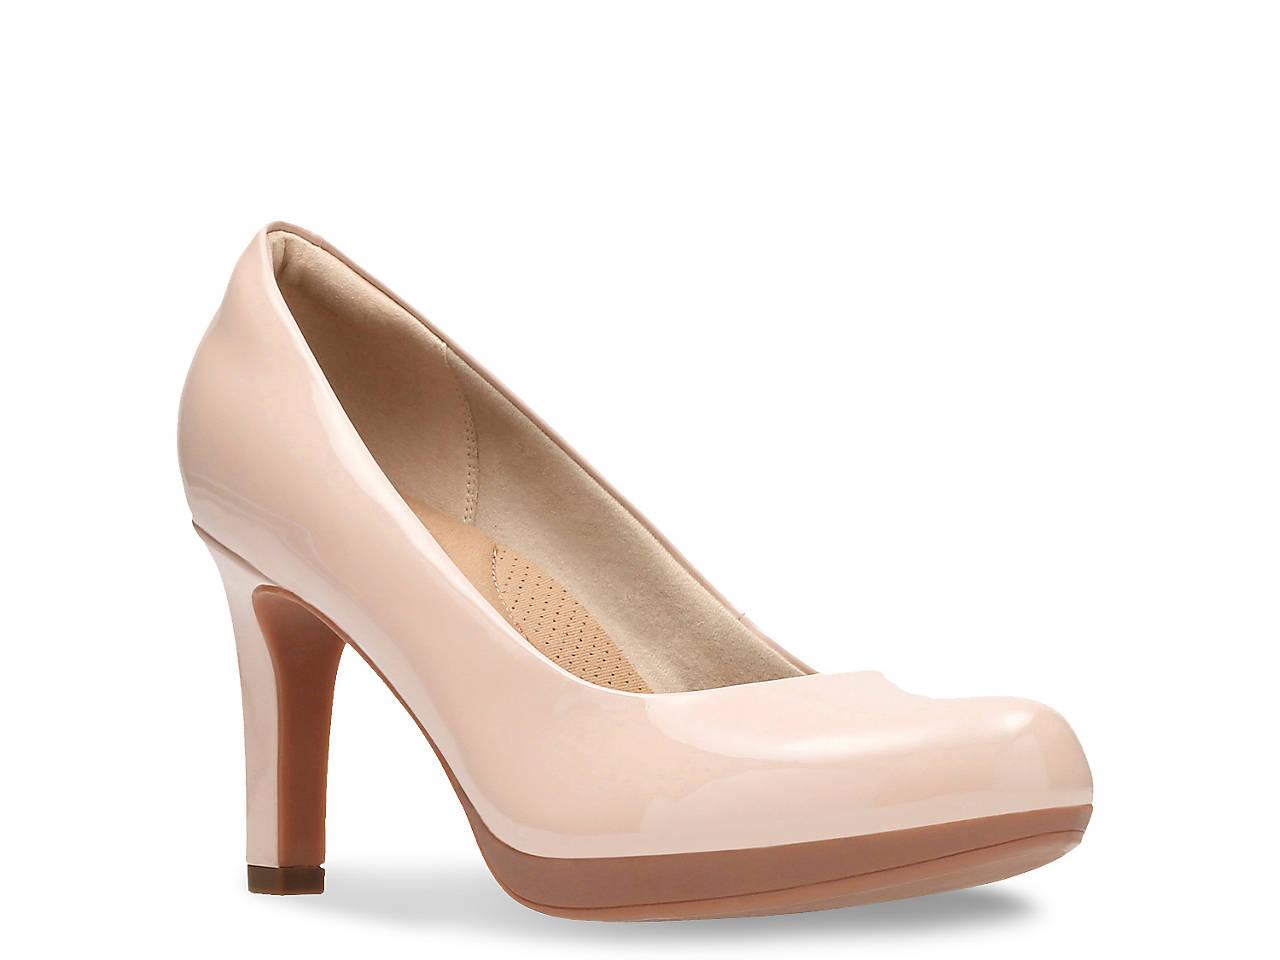 Clarks Adriel Viola Women's ... Ortholite High Heel Platform Pumps LMfT4